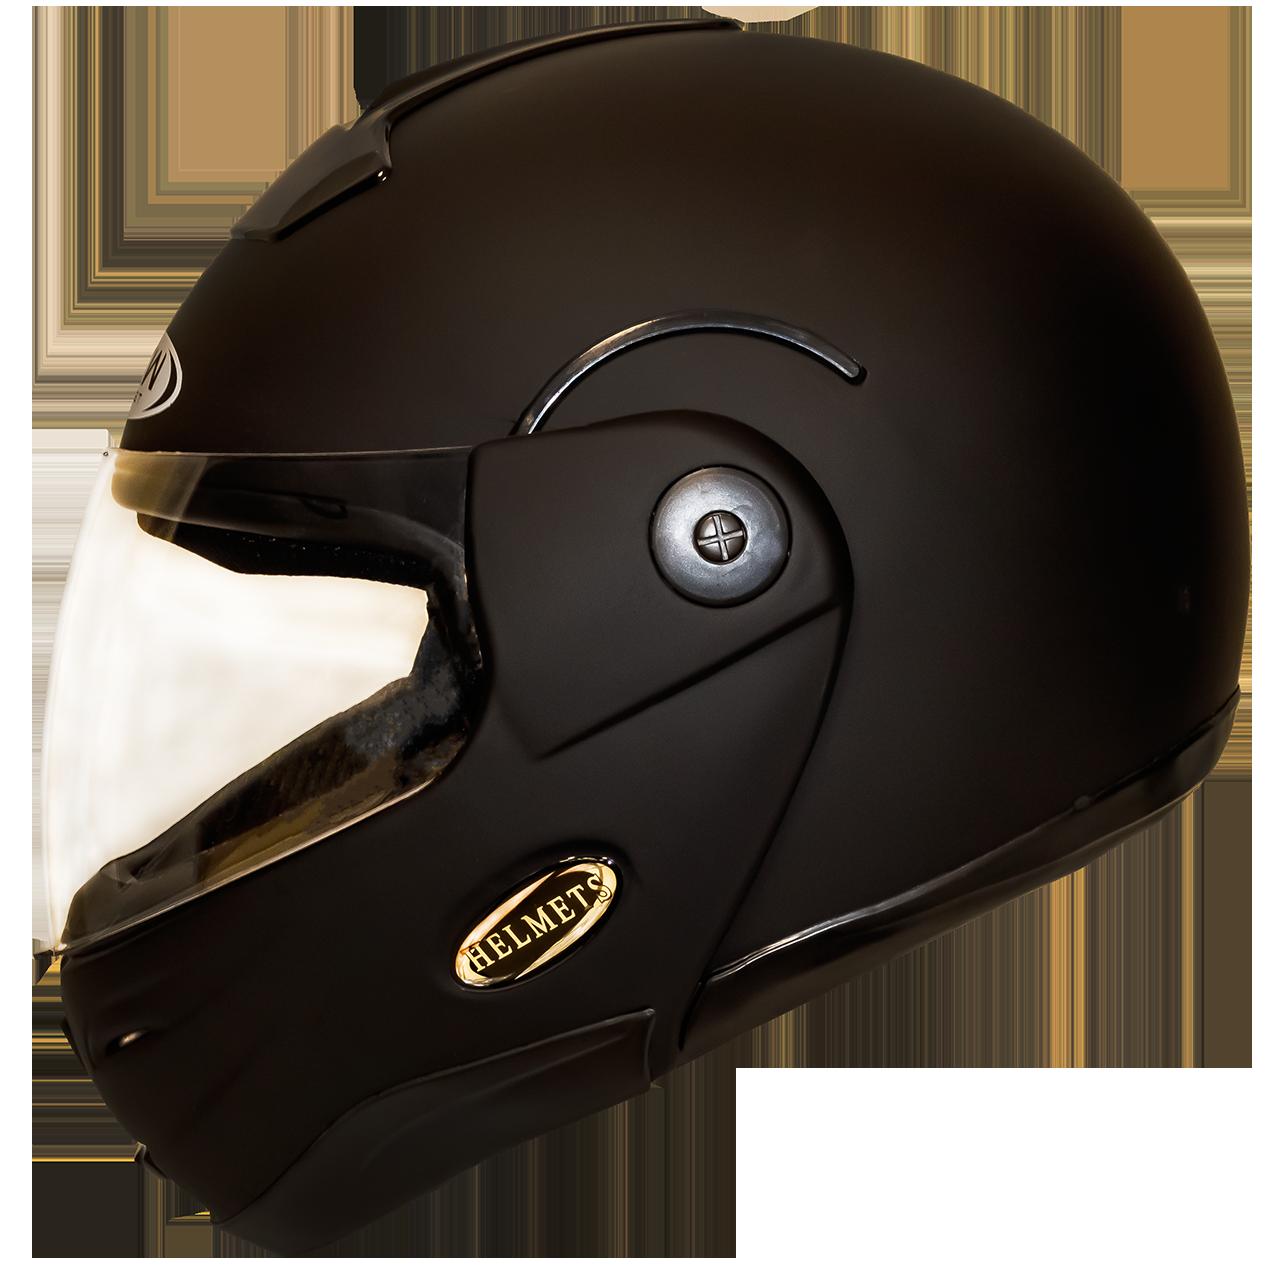 Мотошлем HF-108 matte black шлем трансформер, Flip-Up модуляр матовый чёрный